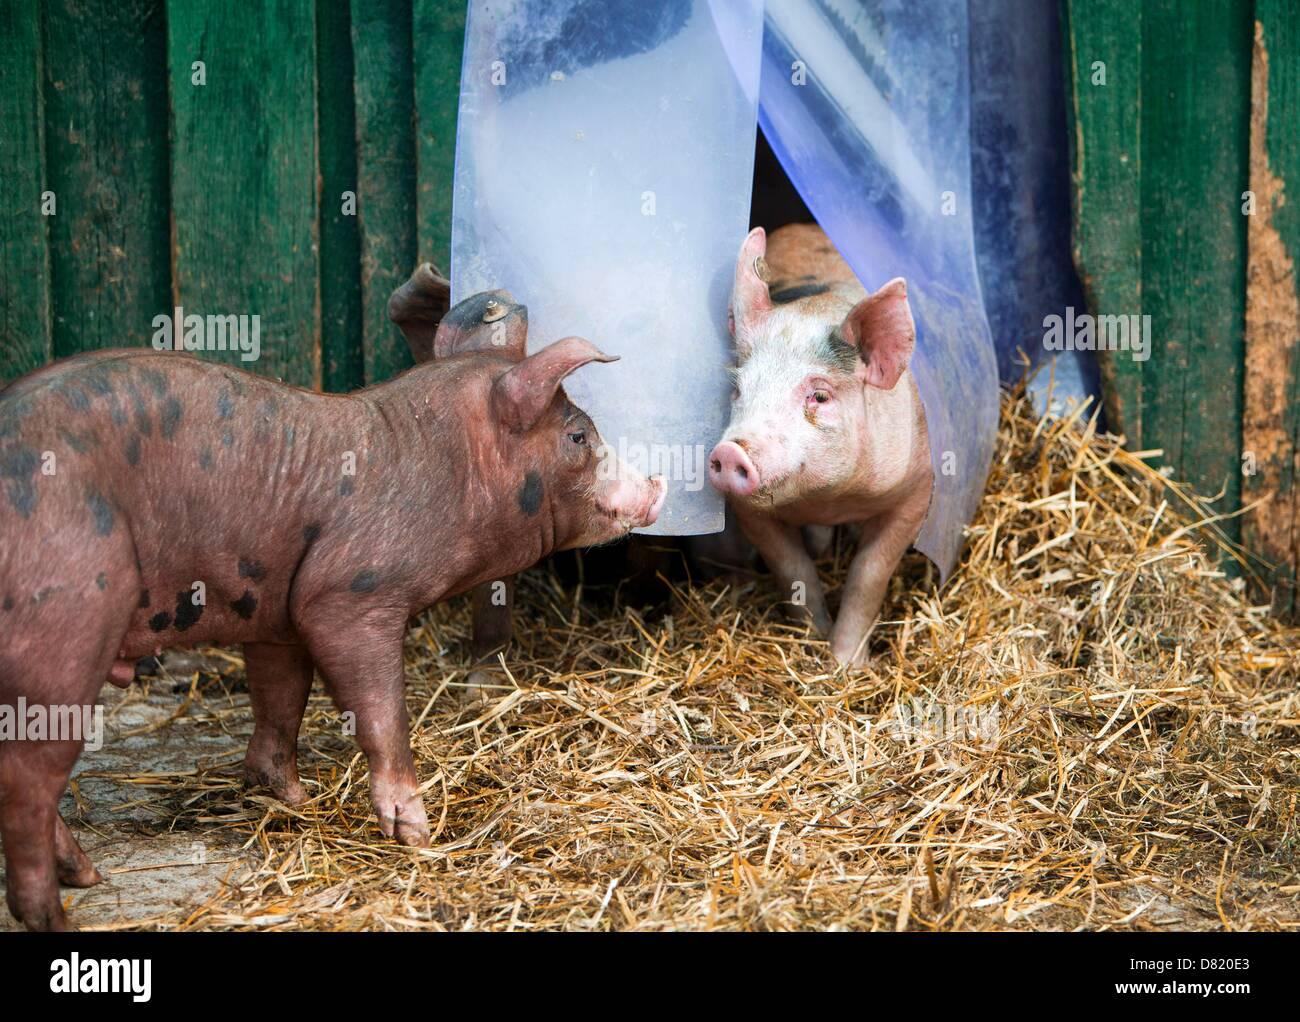 Fantastisch Wildes Schwein Anatomie Fotos - Menschliche Anatomie ...